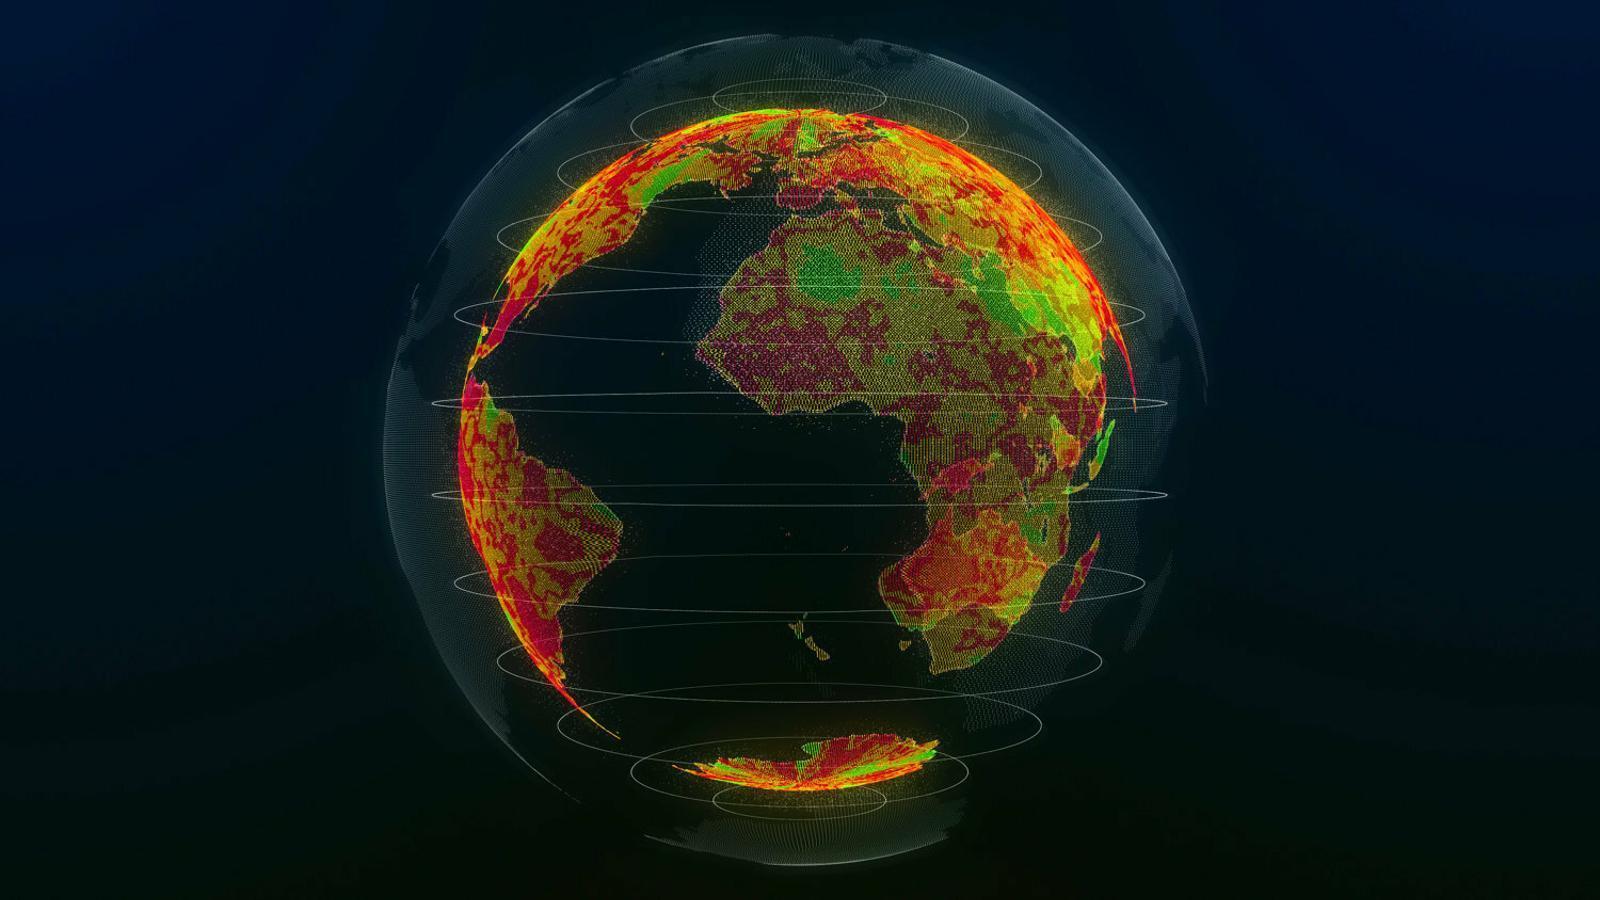 Mapa de l'augment de la temperatura de la Terra obtingut a partir d'un model climàtic